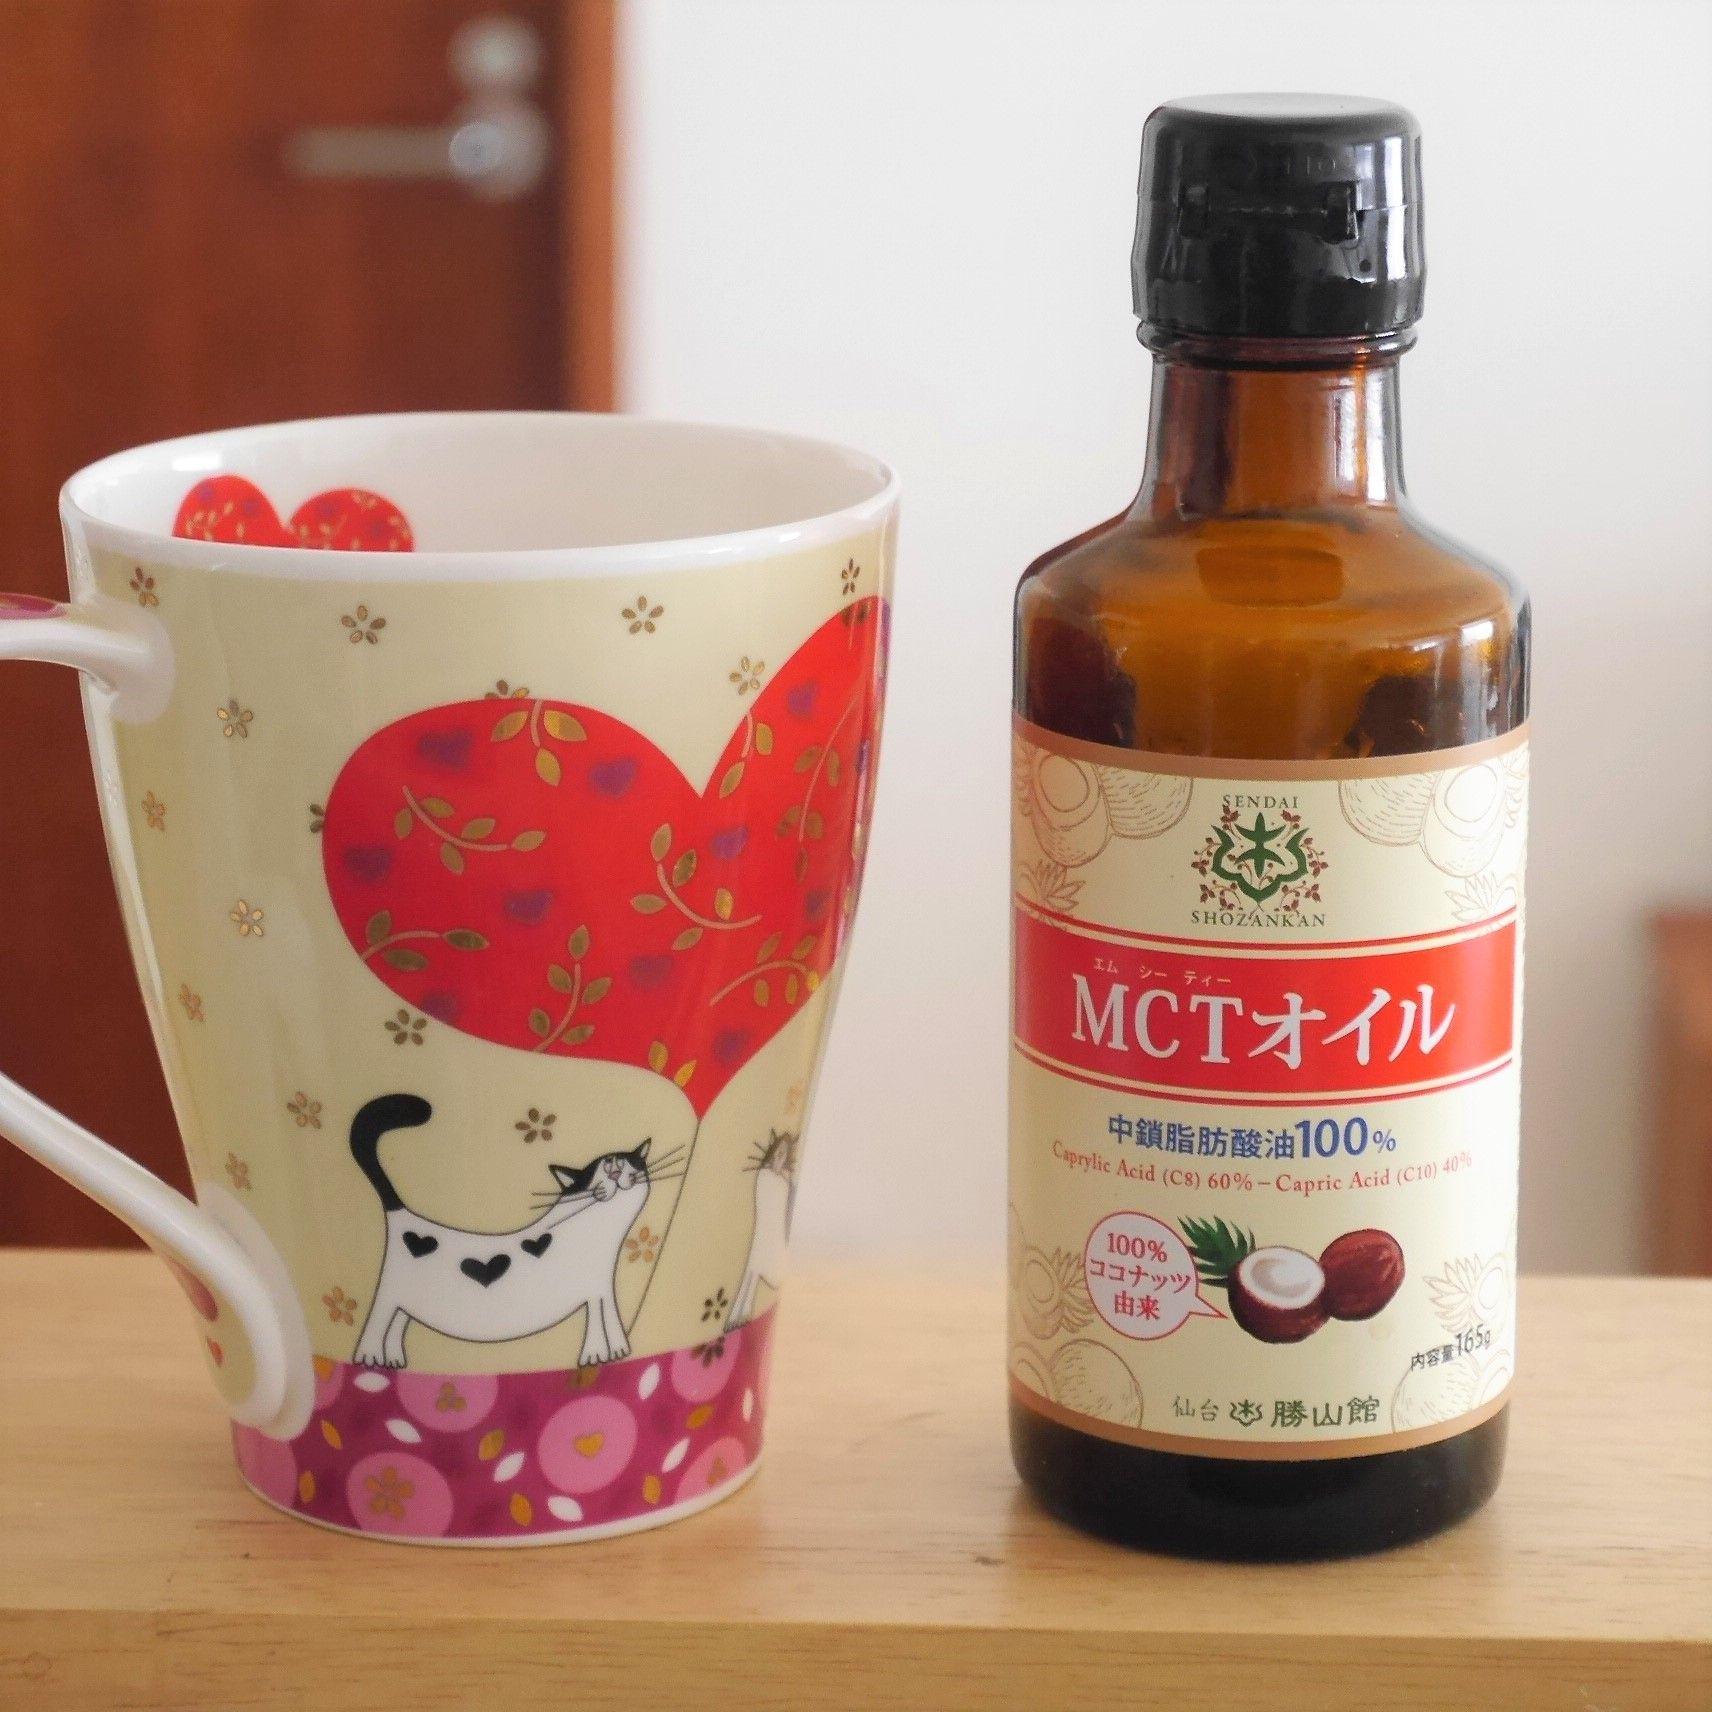 MCTオイル_マグカップとサイズ比較